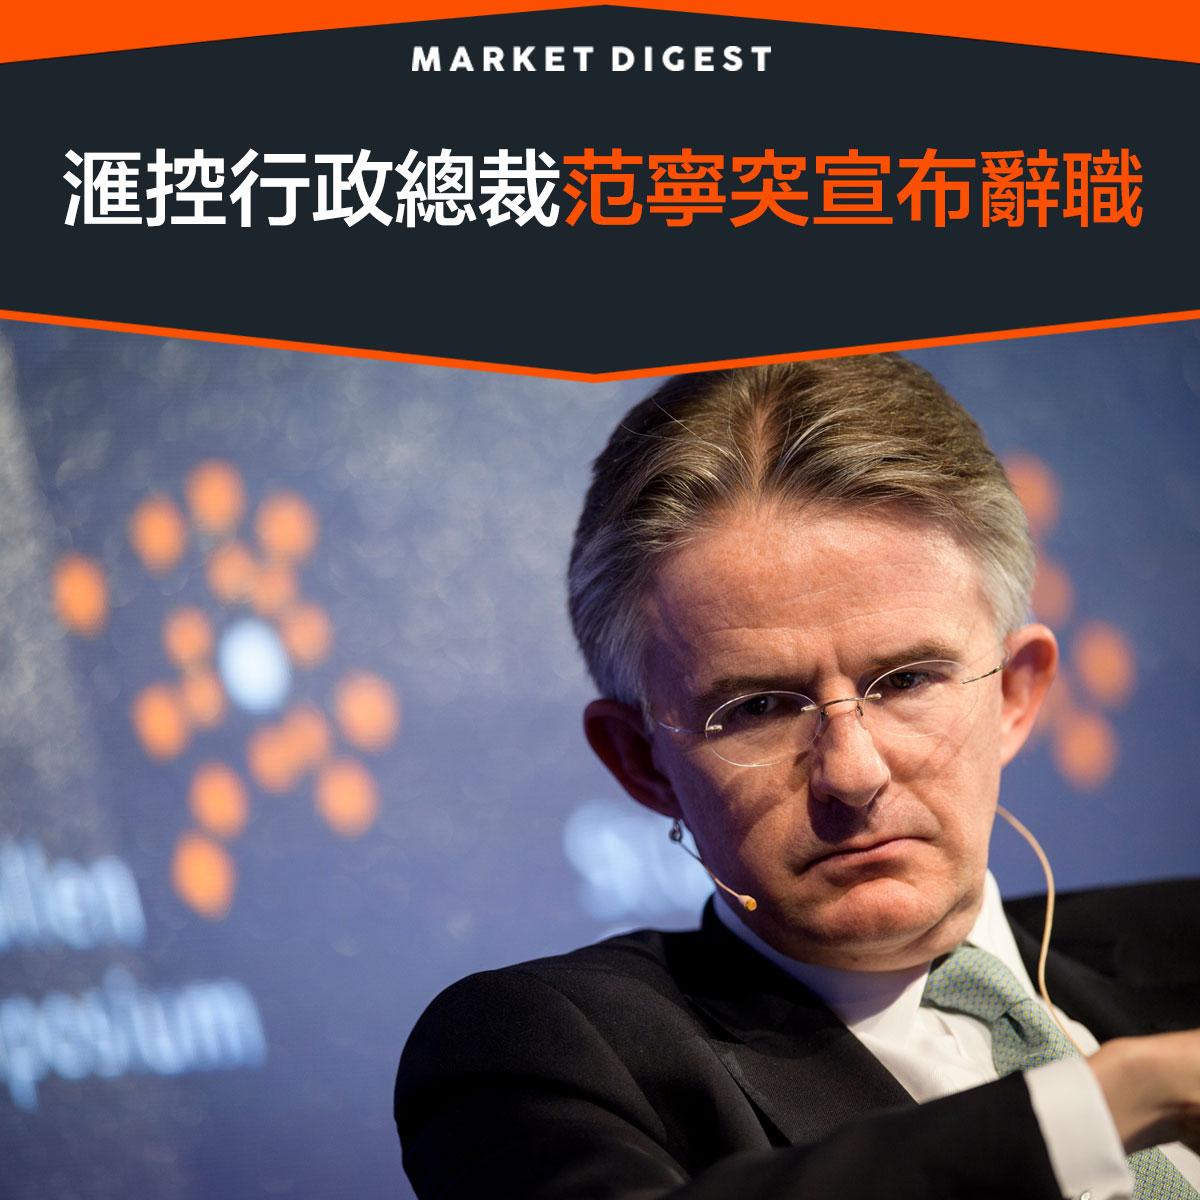 滙控行政總裁范寧突宣布辭職